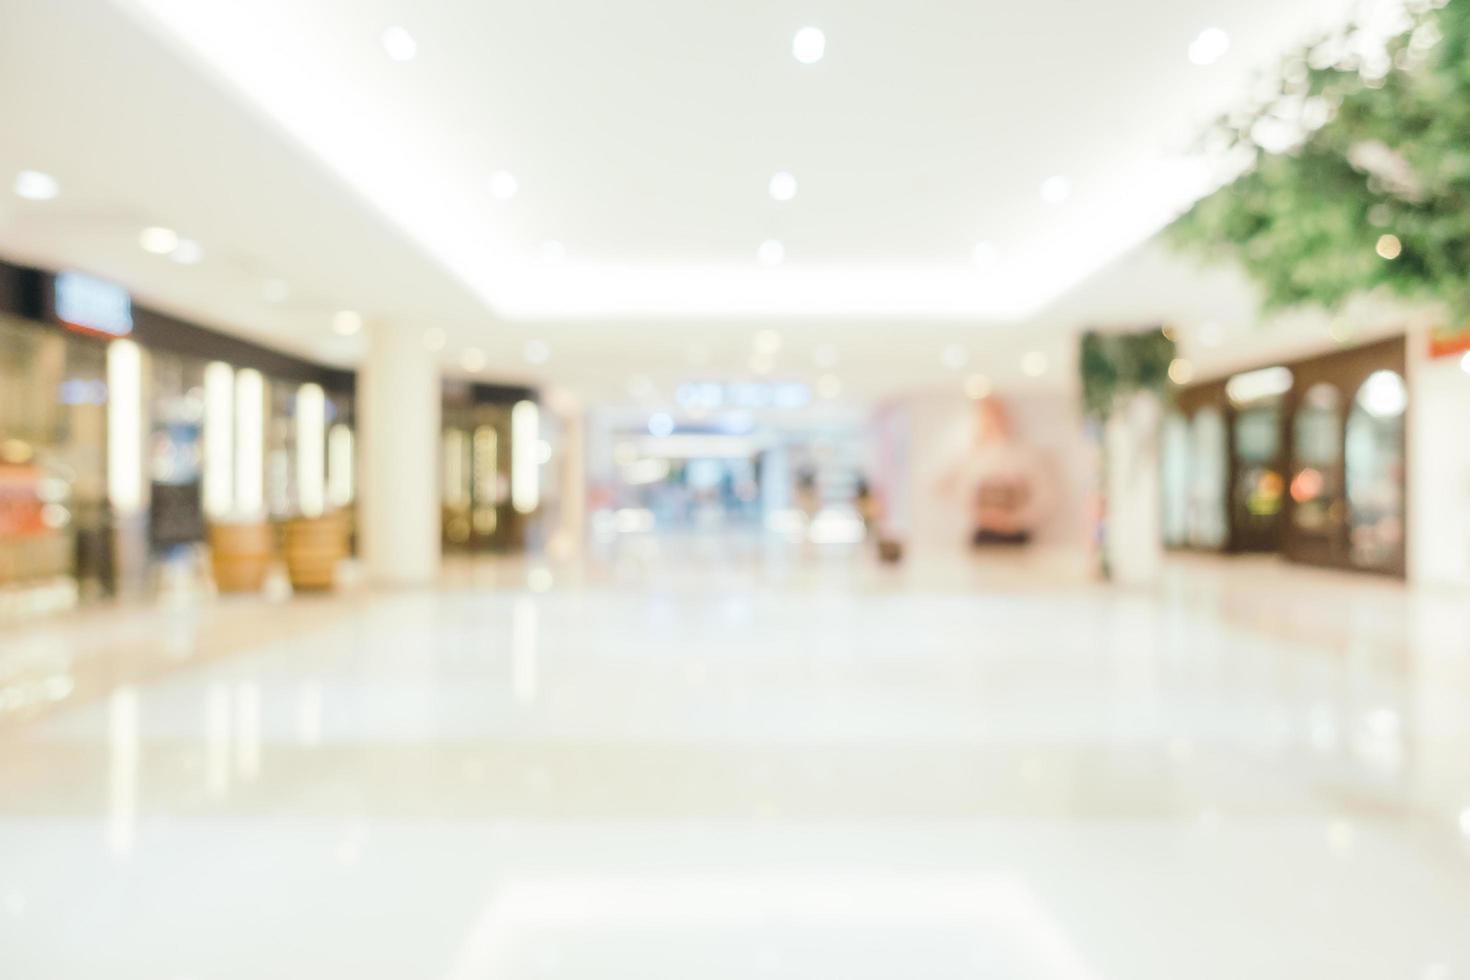 flou abstrait et centre commercial de luxe défocalisé de l'intérieur du grand magasin pour le fond photo